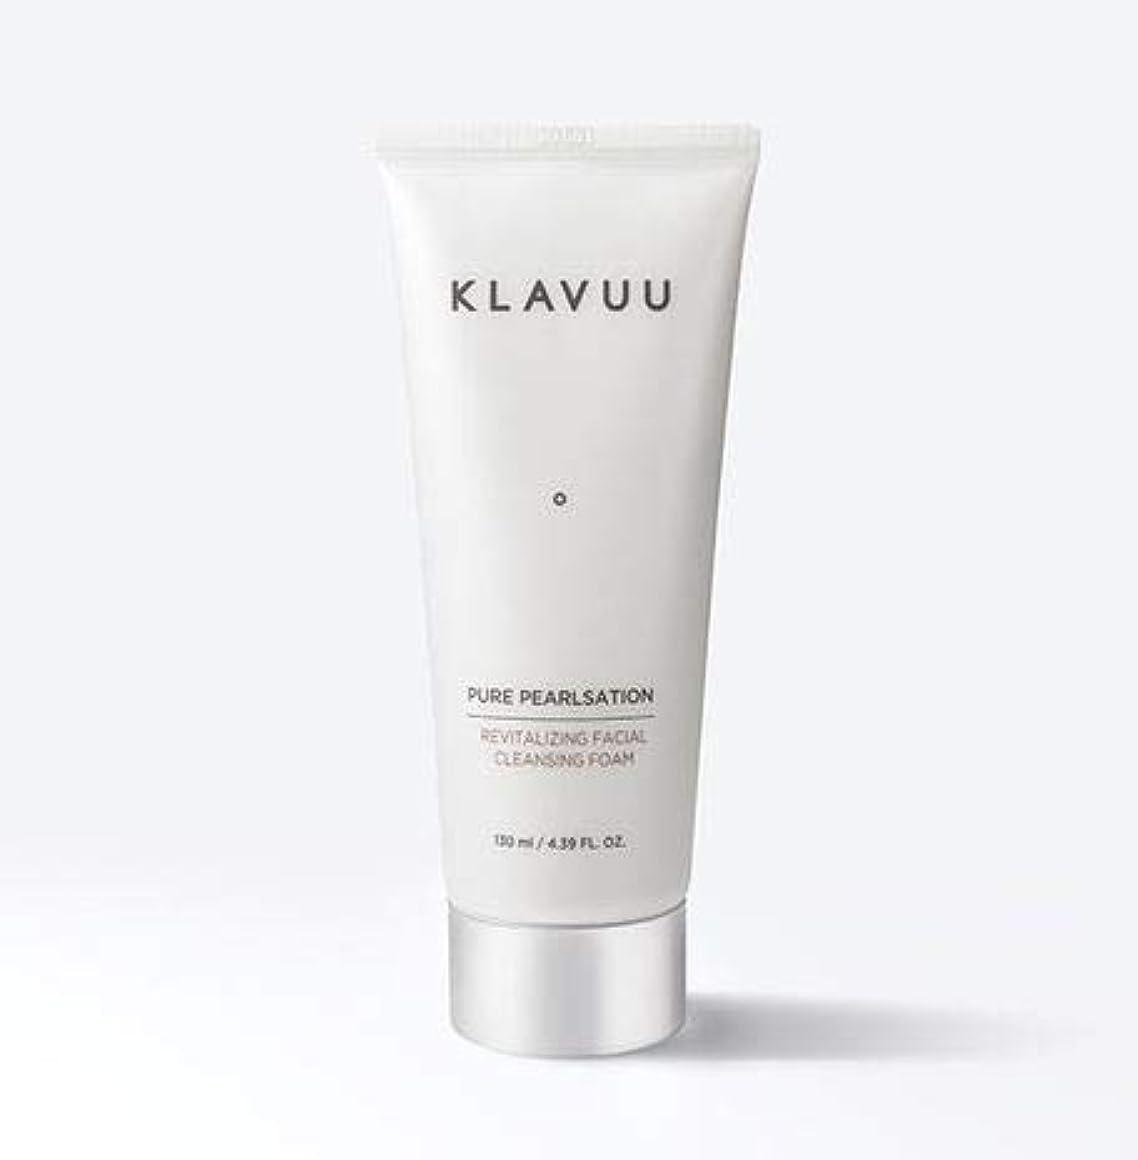 医学利得検査[ Klavuu ] PURE PEARLSATION Revitalizing Facial Cleansing Foam /[クラビュー ] ピュア パールセ―ション リバイタライジング フェイシャル クレンジング...